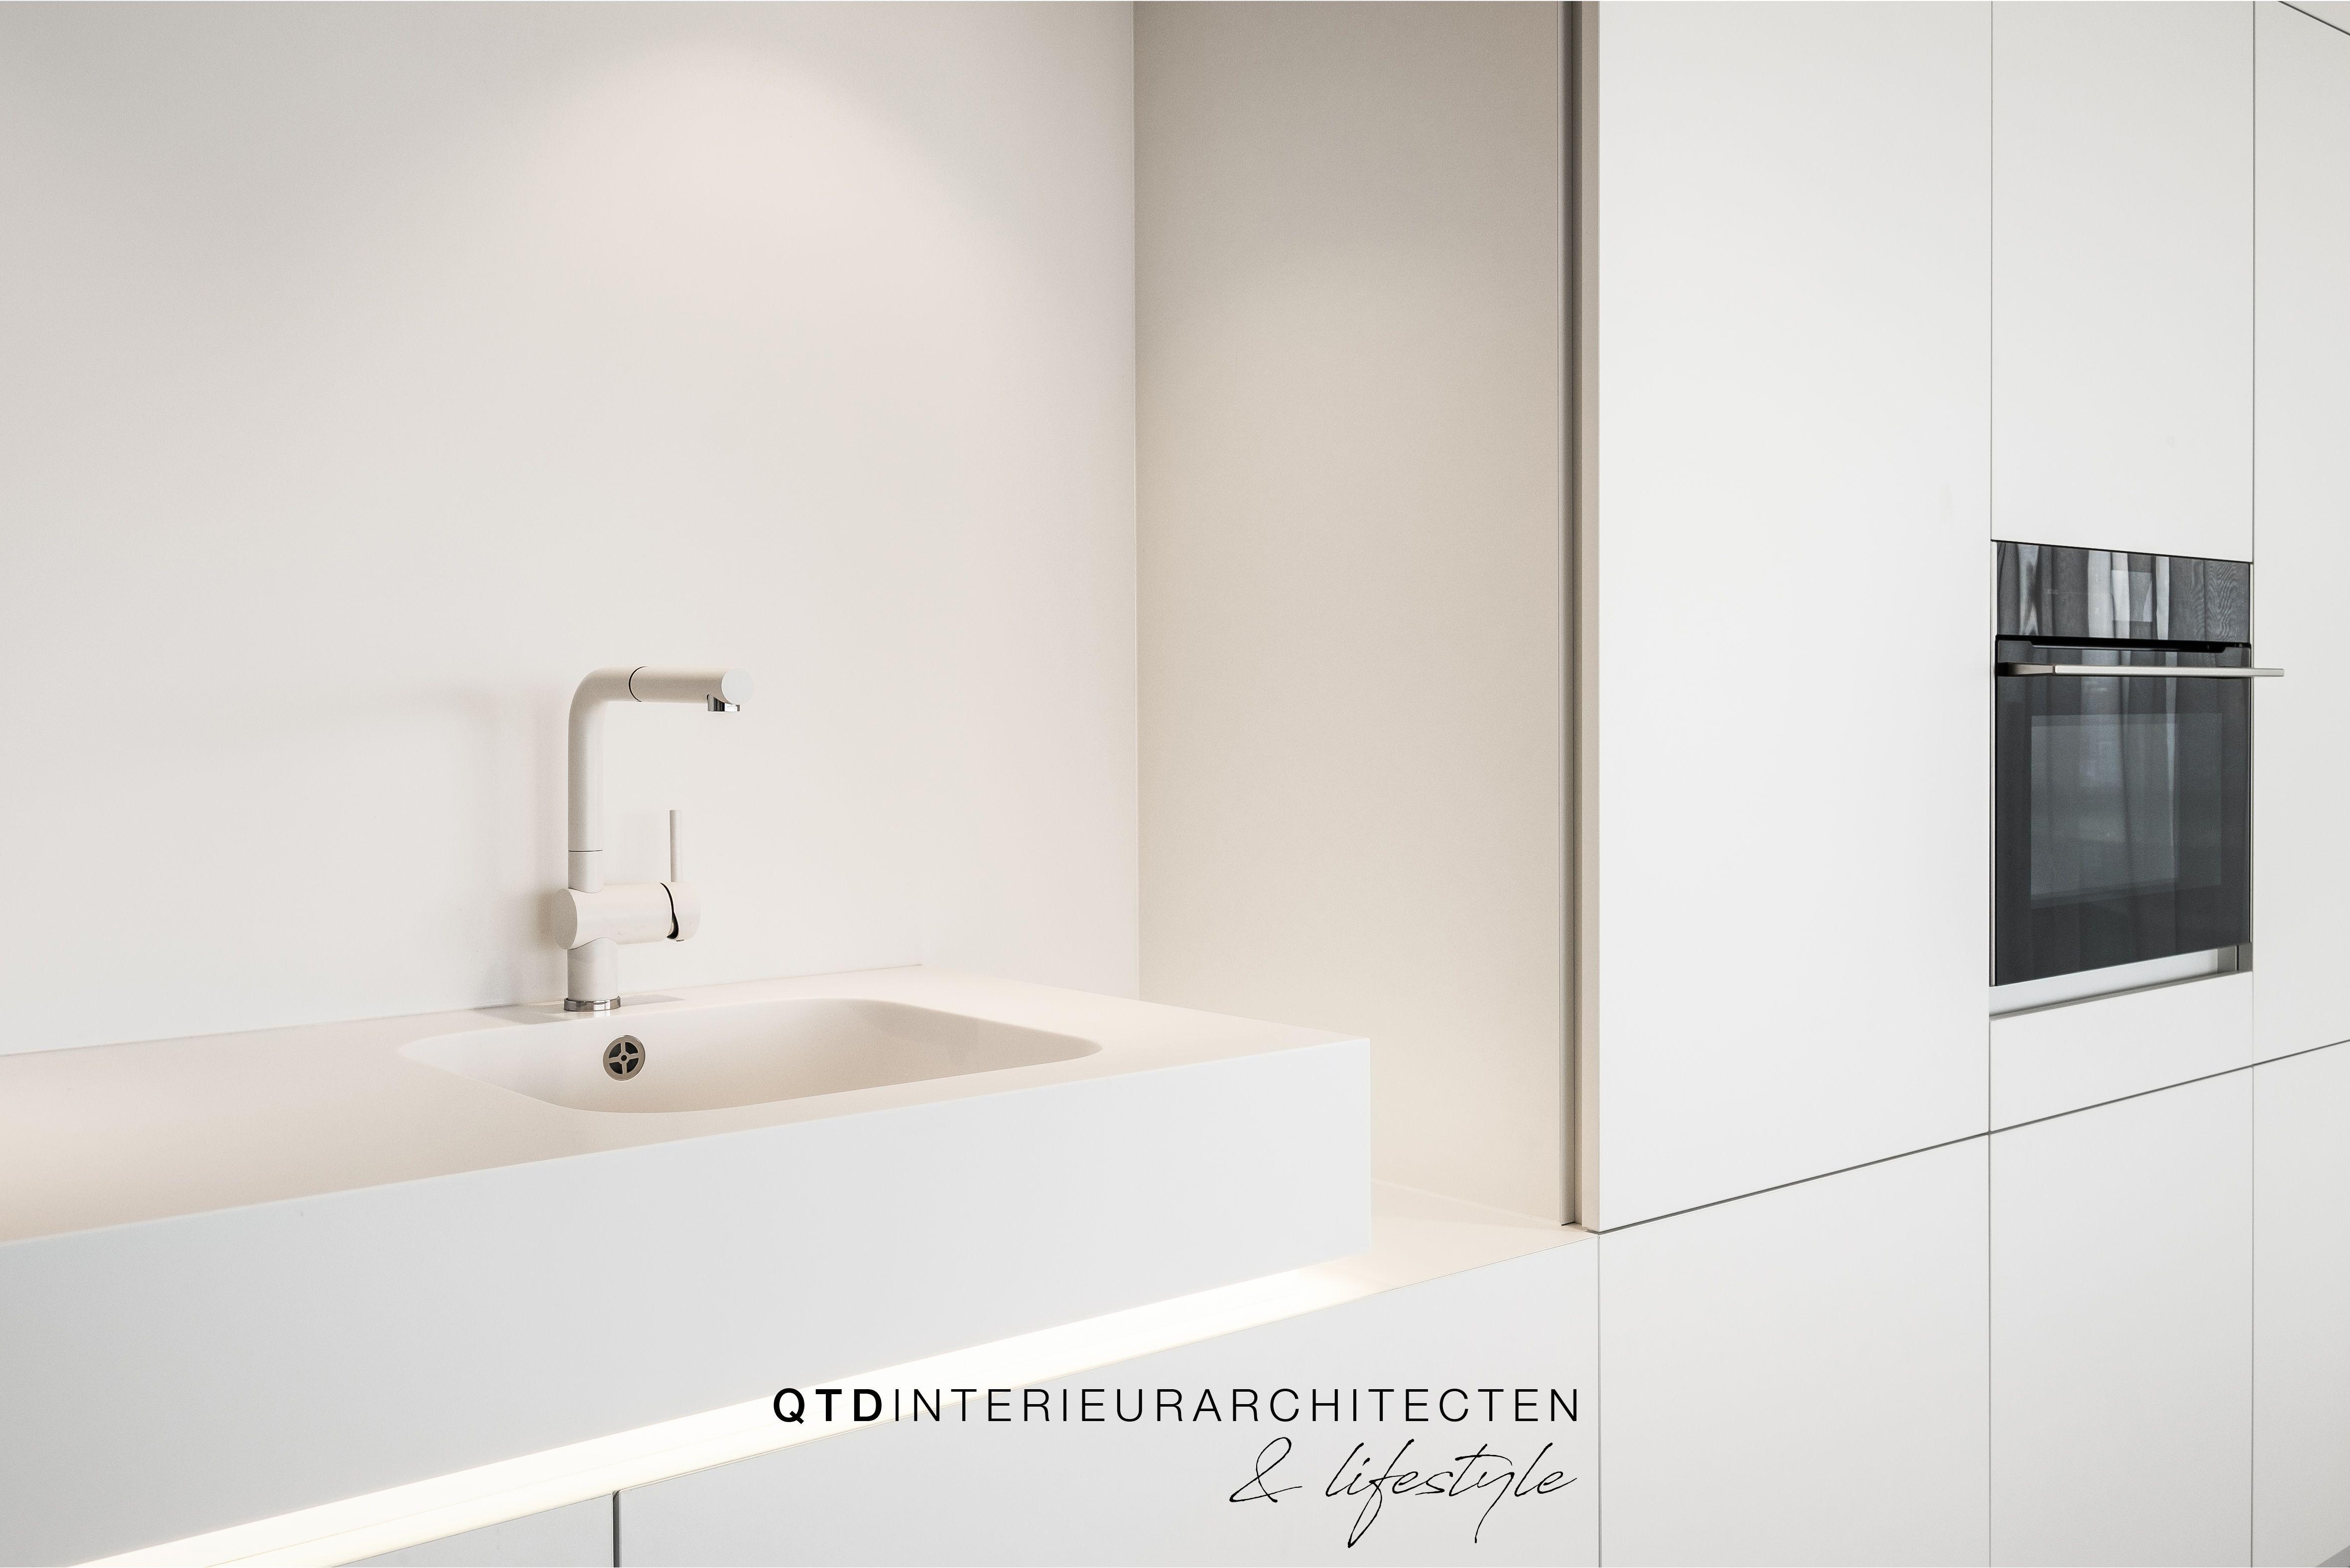 Qtd interieurarchitecten keuken modern wonen